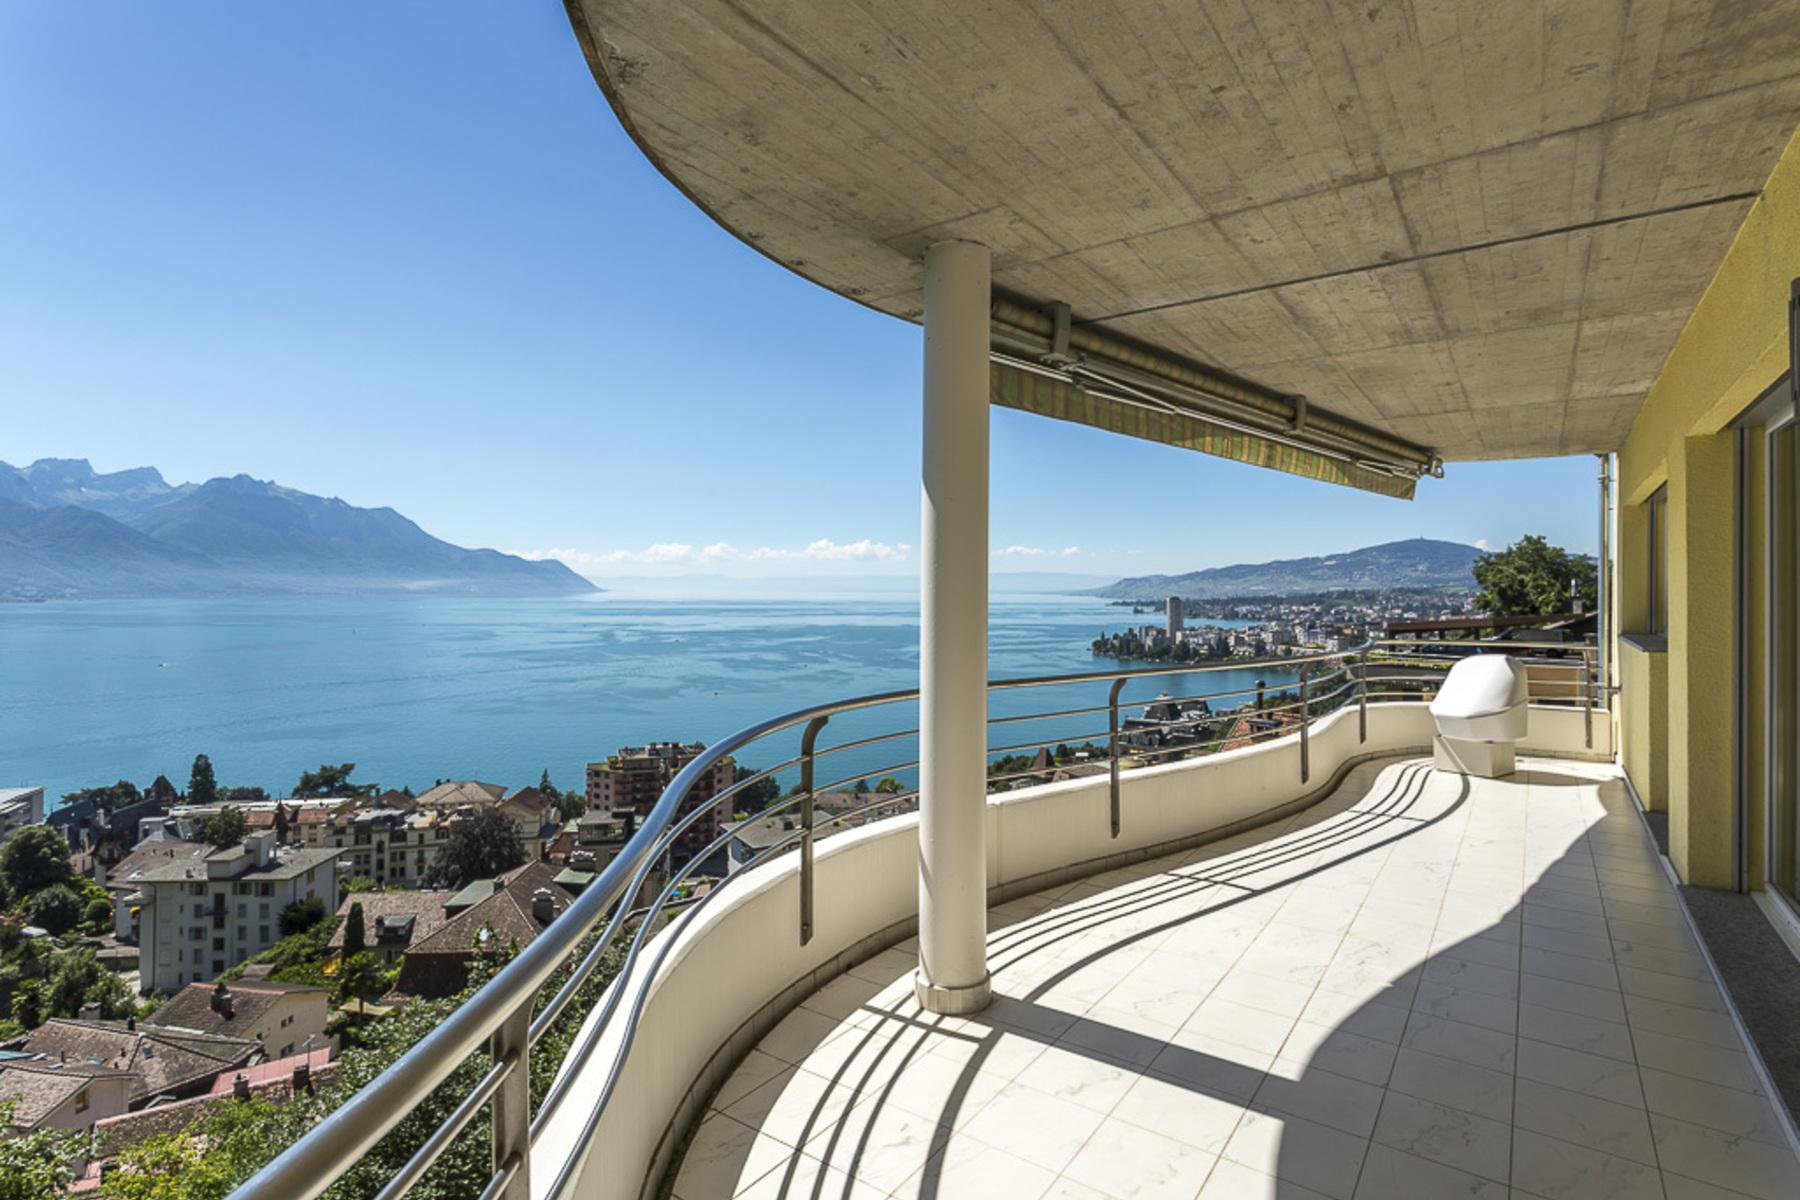 Кондоминиум для того Продажа на Stunning 4.5 room apartment enjoying total peace and quiet Unobstructed views o Territet Montreux, Во 1820 Швейцария